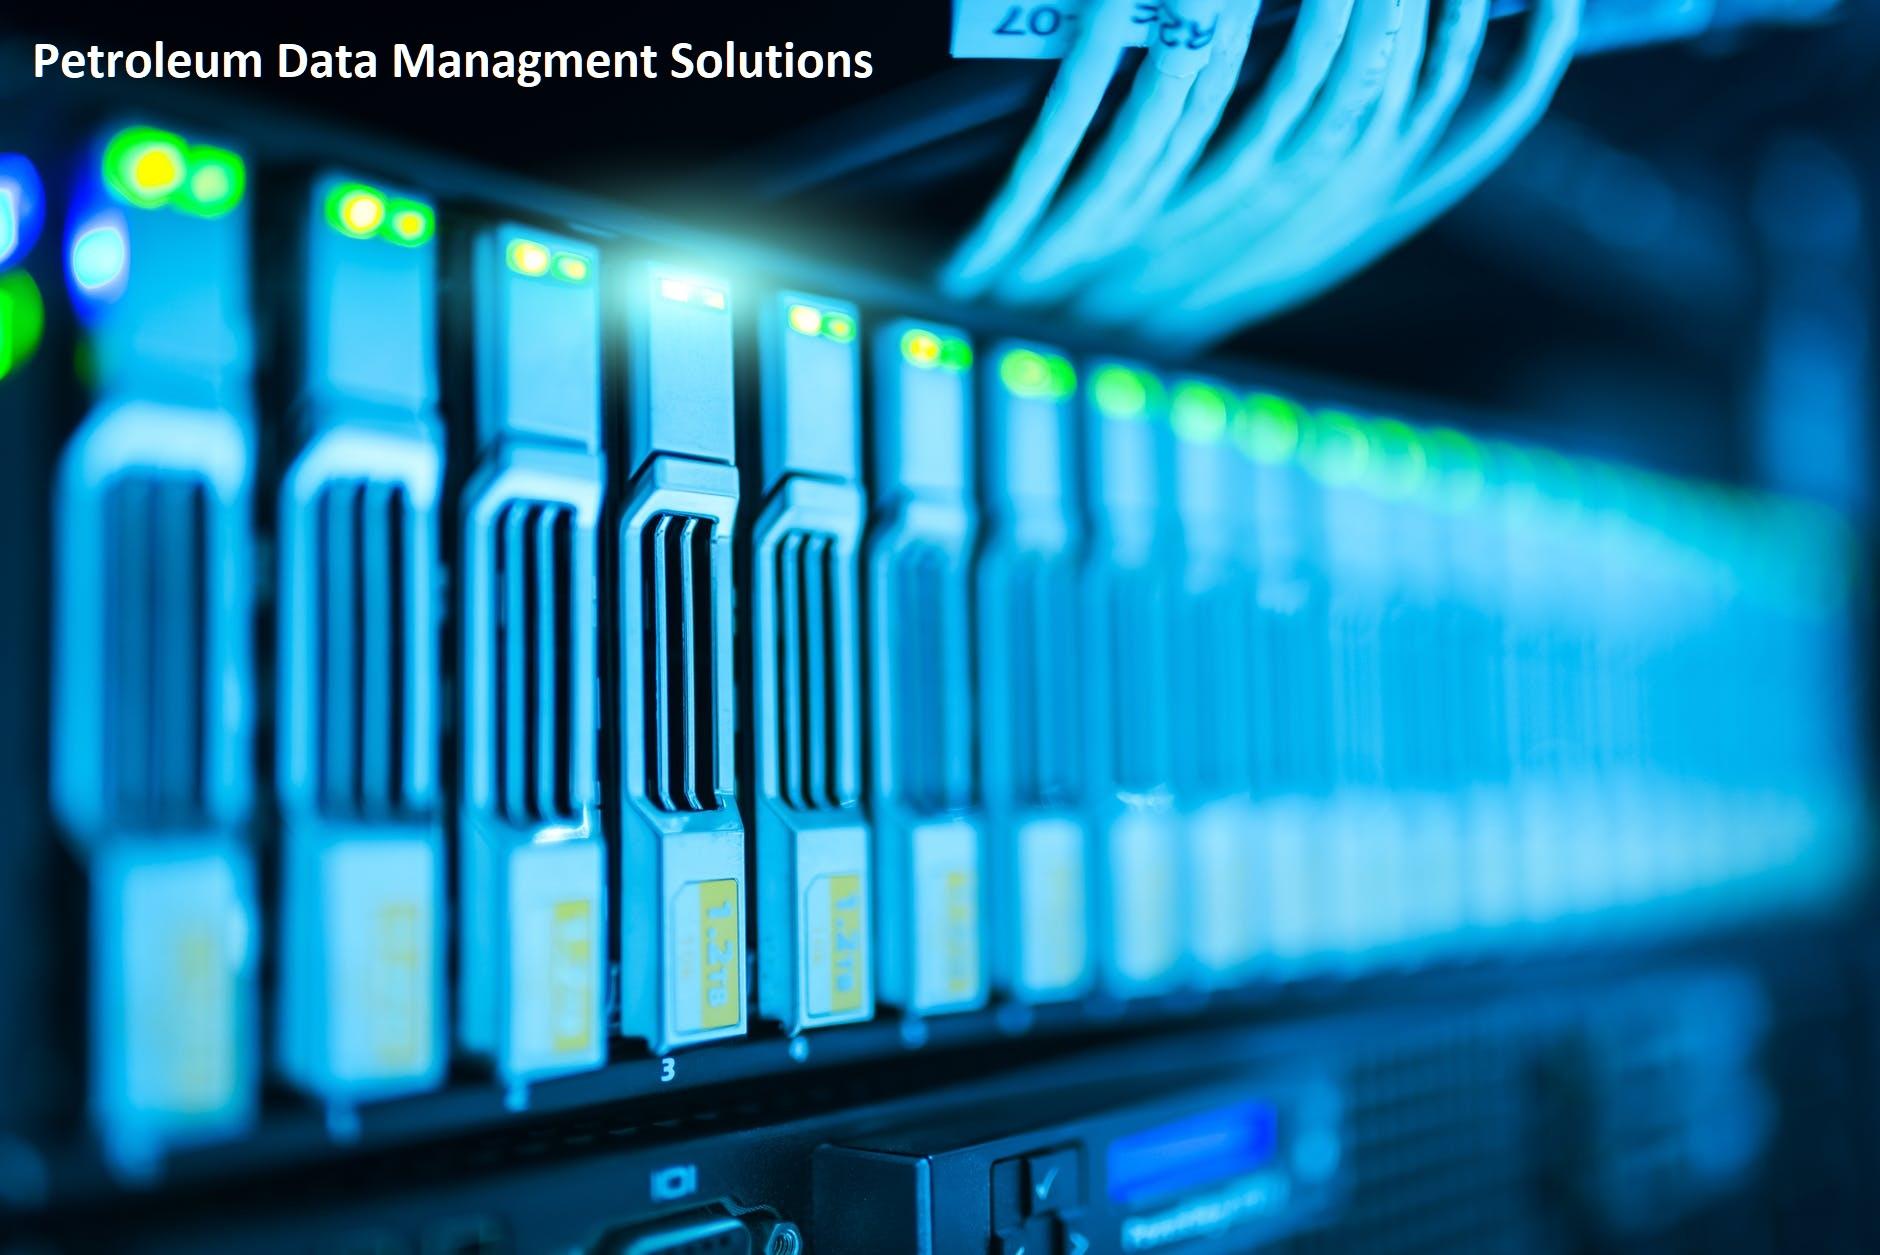 Data Managment